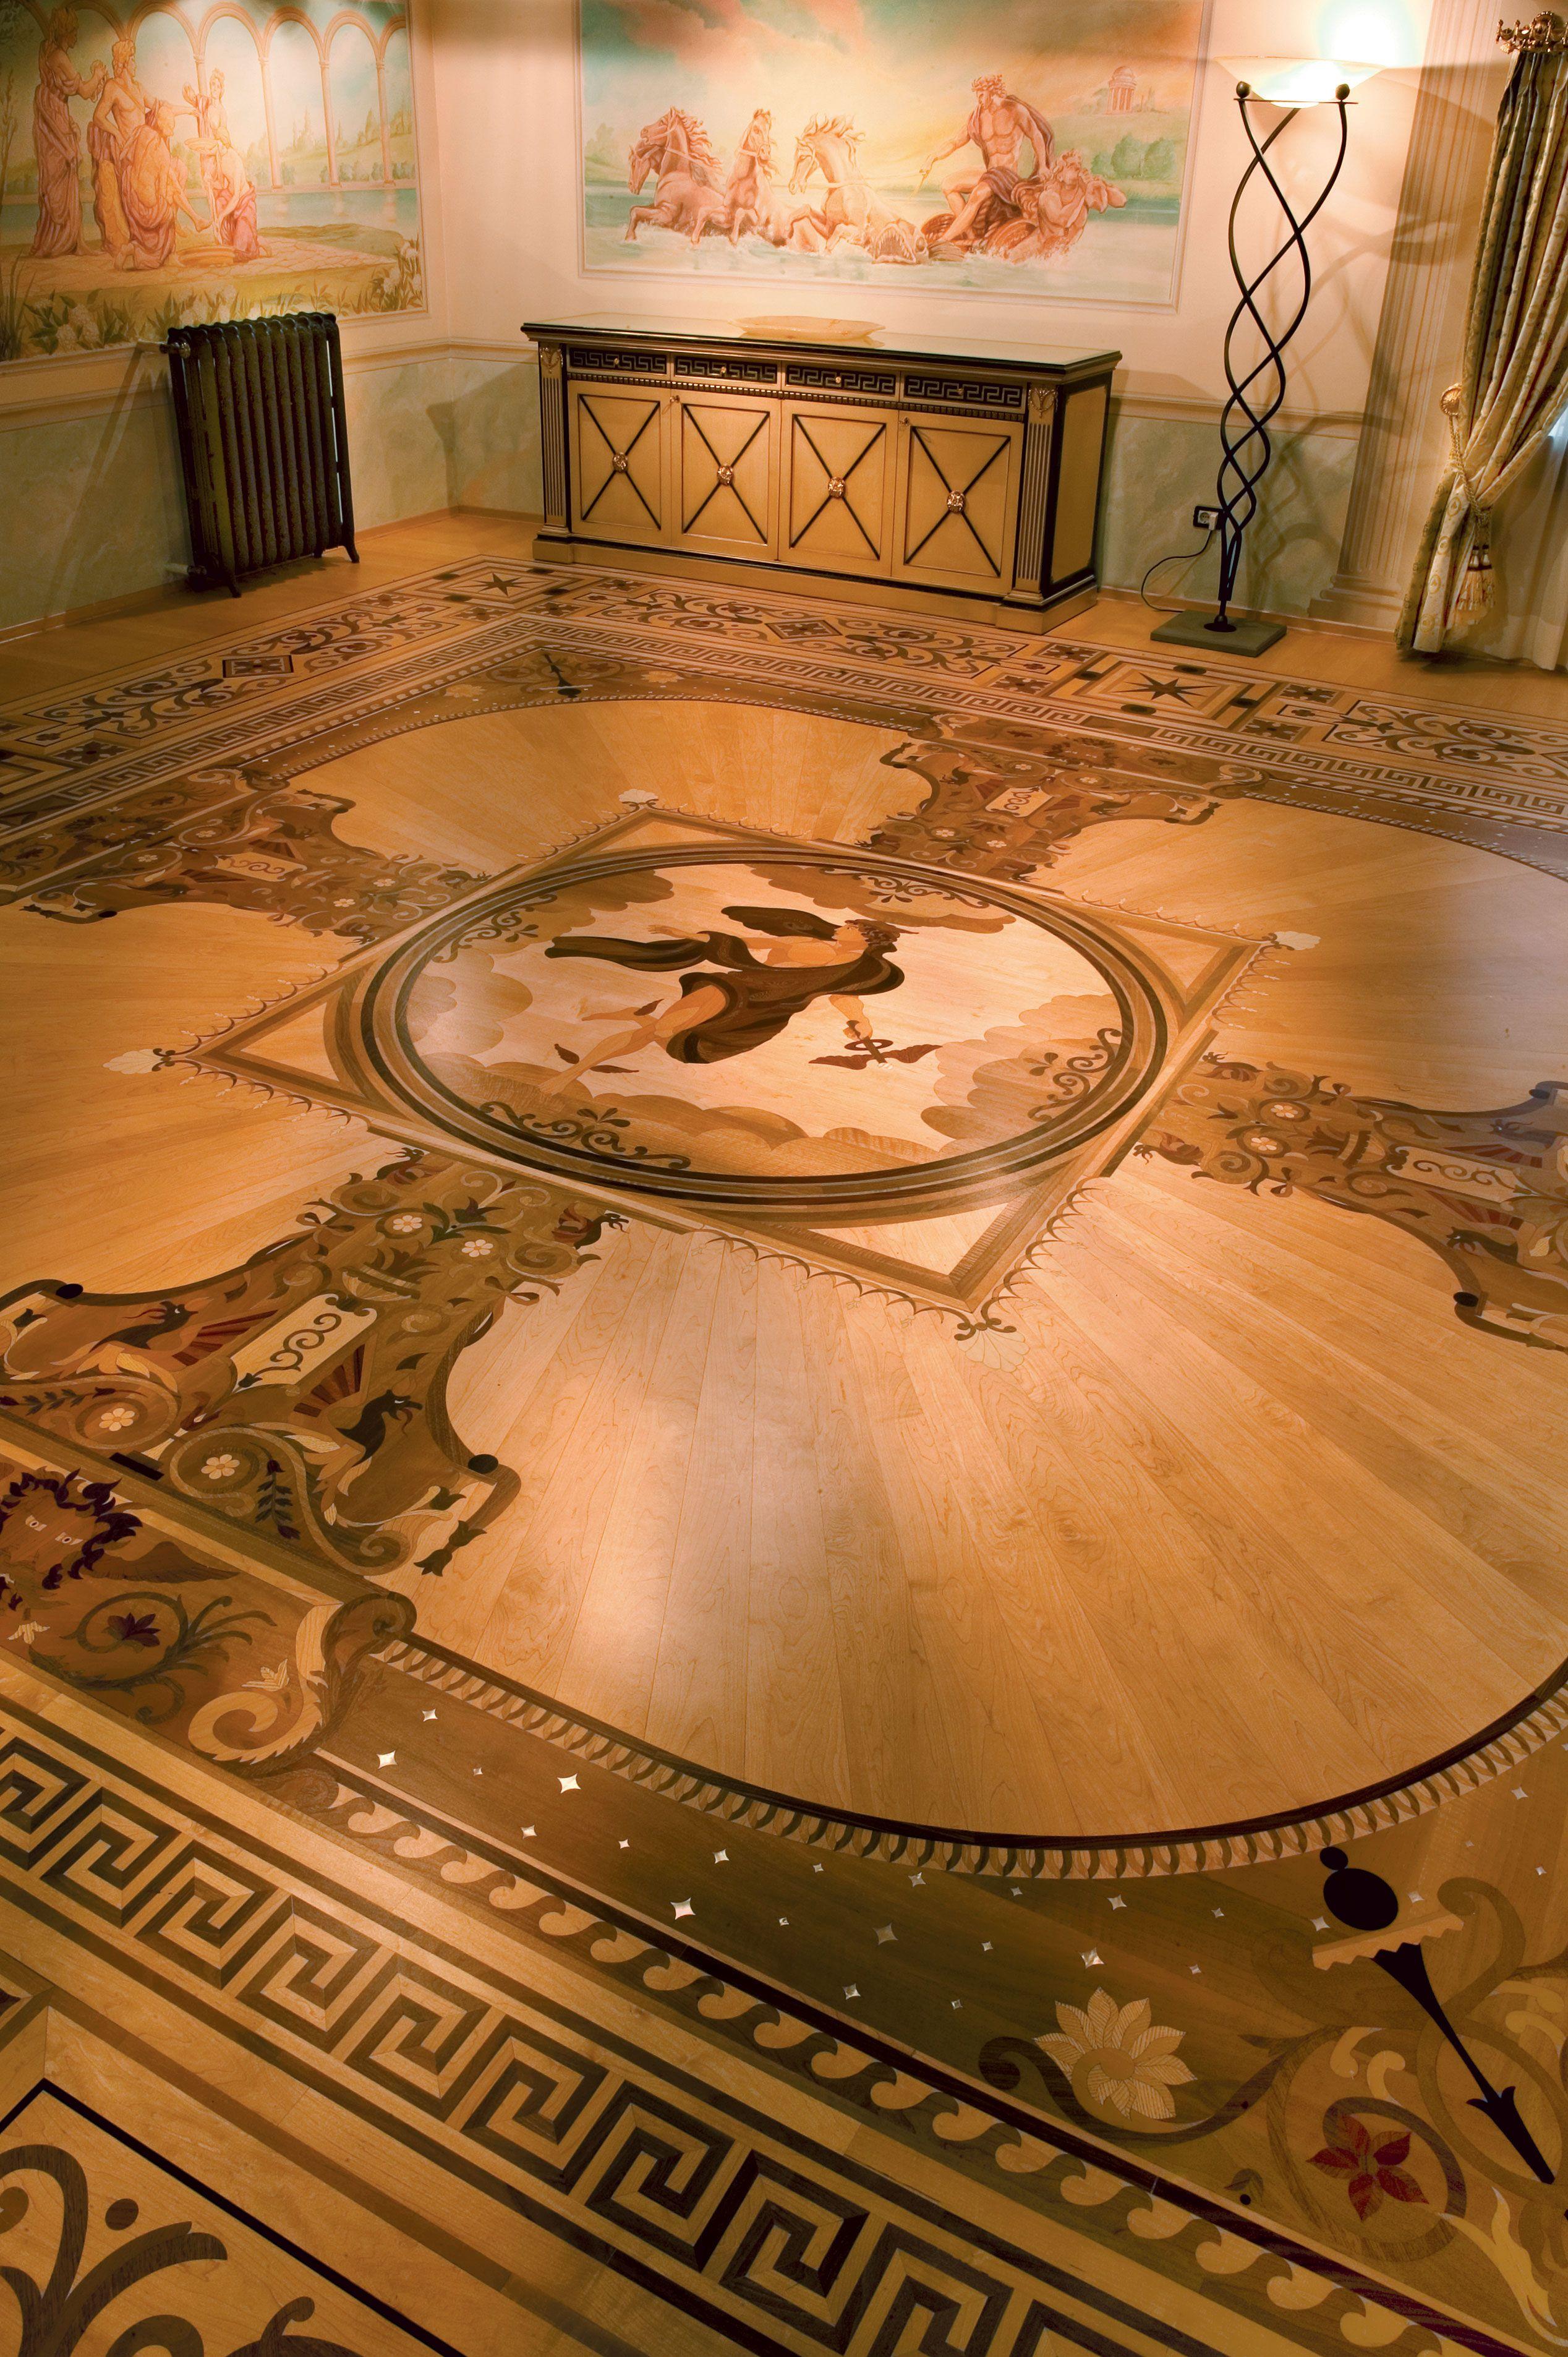 Berti suite villa del conte padova elaborato pavimento ad for Berti parquet